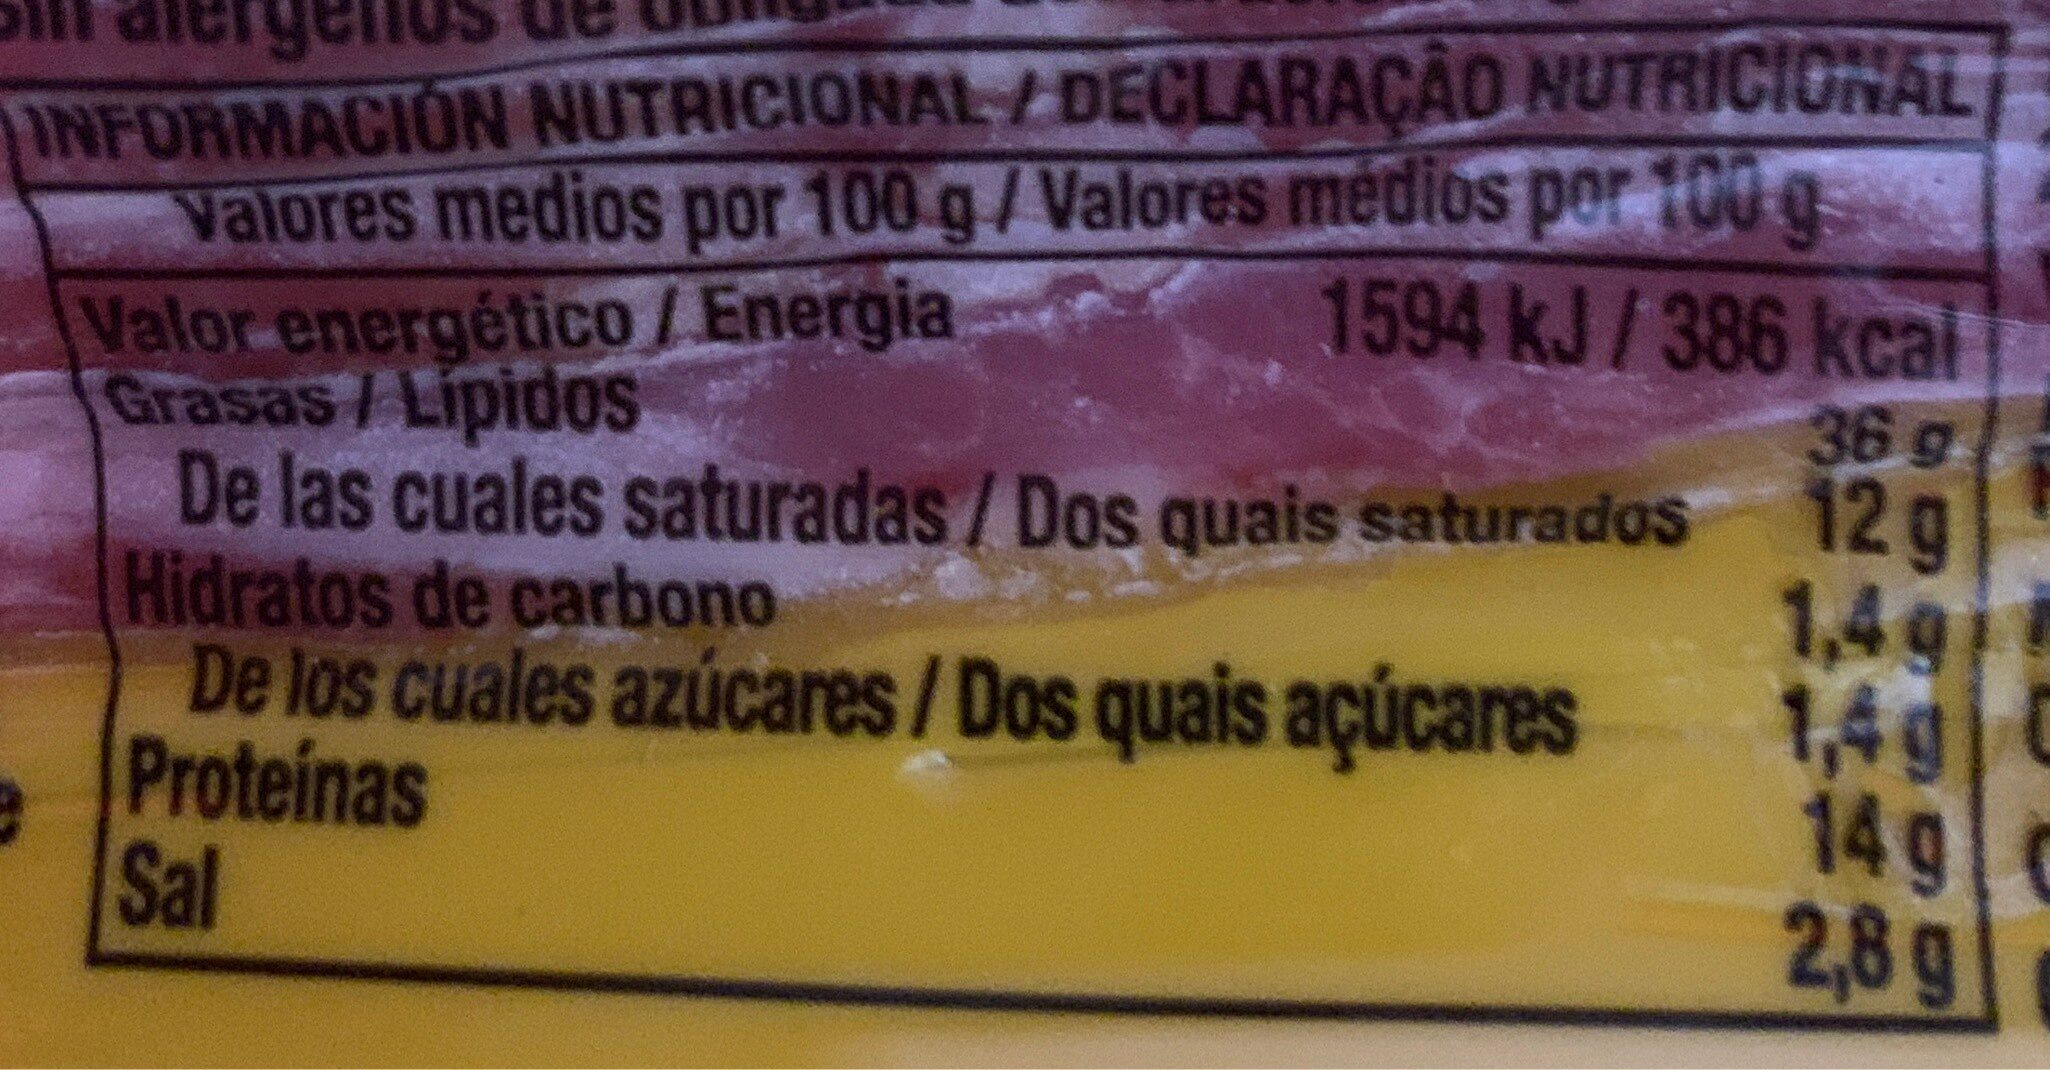 Bacon curado ahumado natural lonchas sin gluten - Información nutricional - es